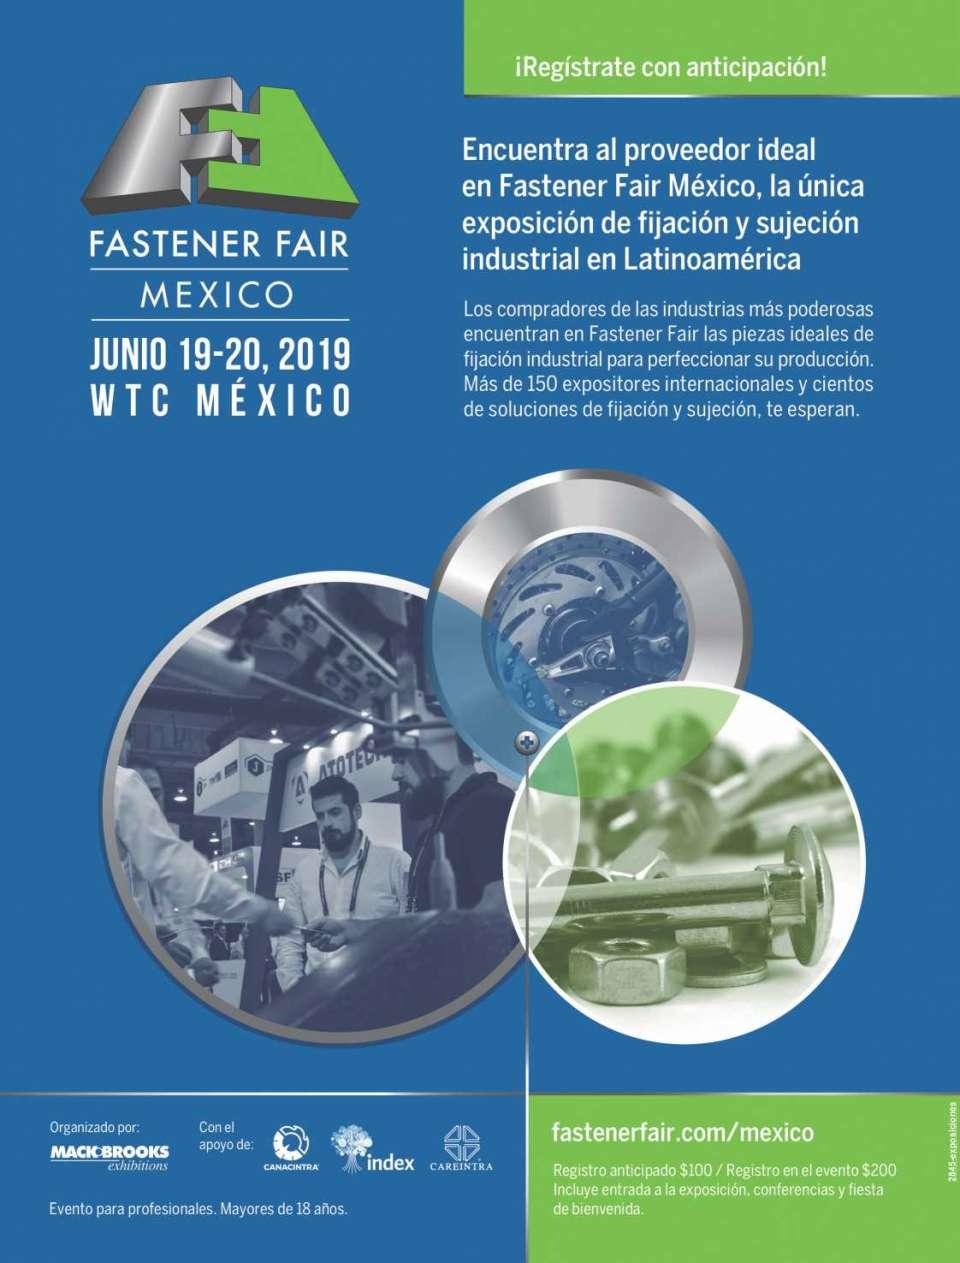 El evento líder de la tecnología de Fijación en Latinoamérica, del 20 y 21 de Junio 2017 en WTC, Ciudad de Mexico